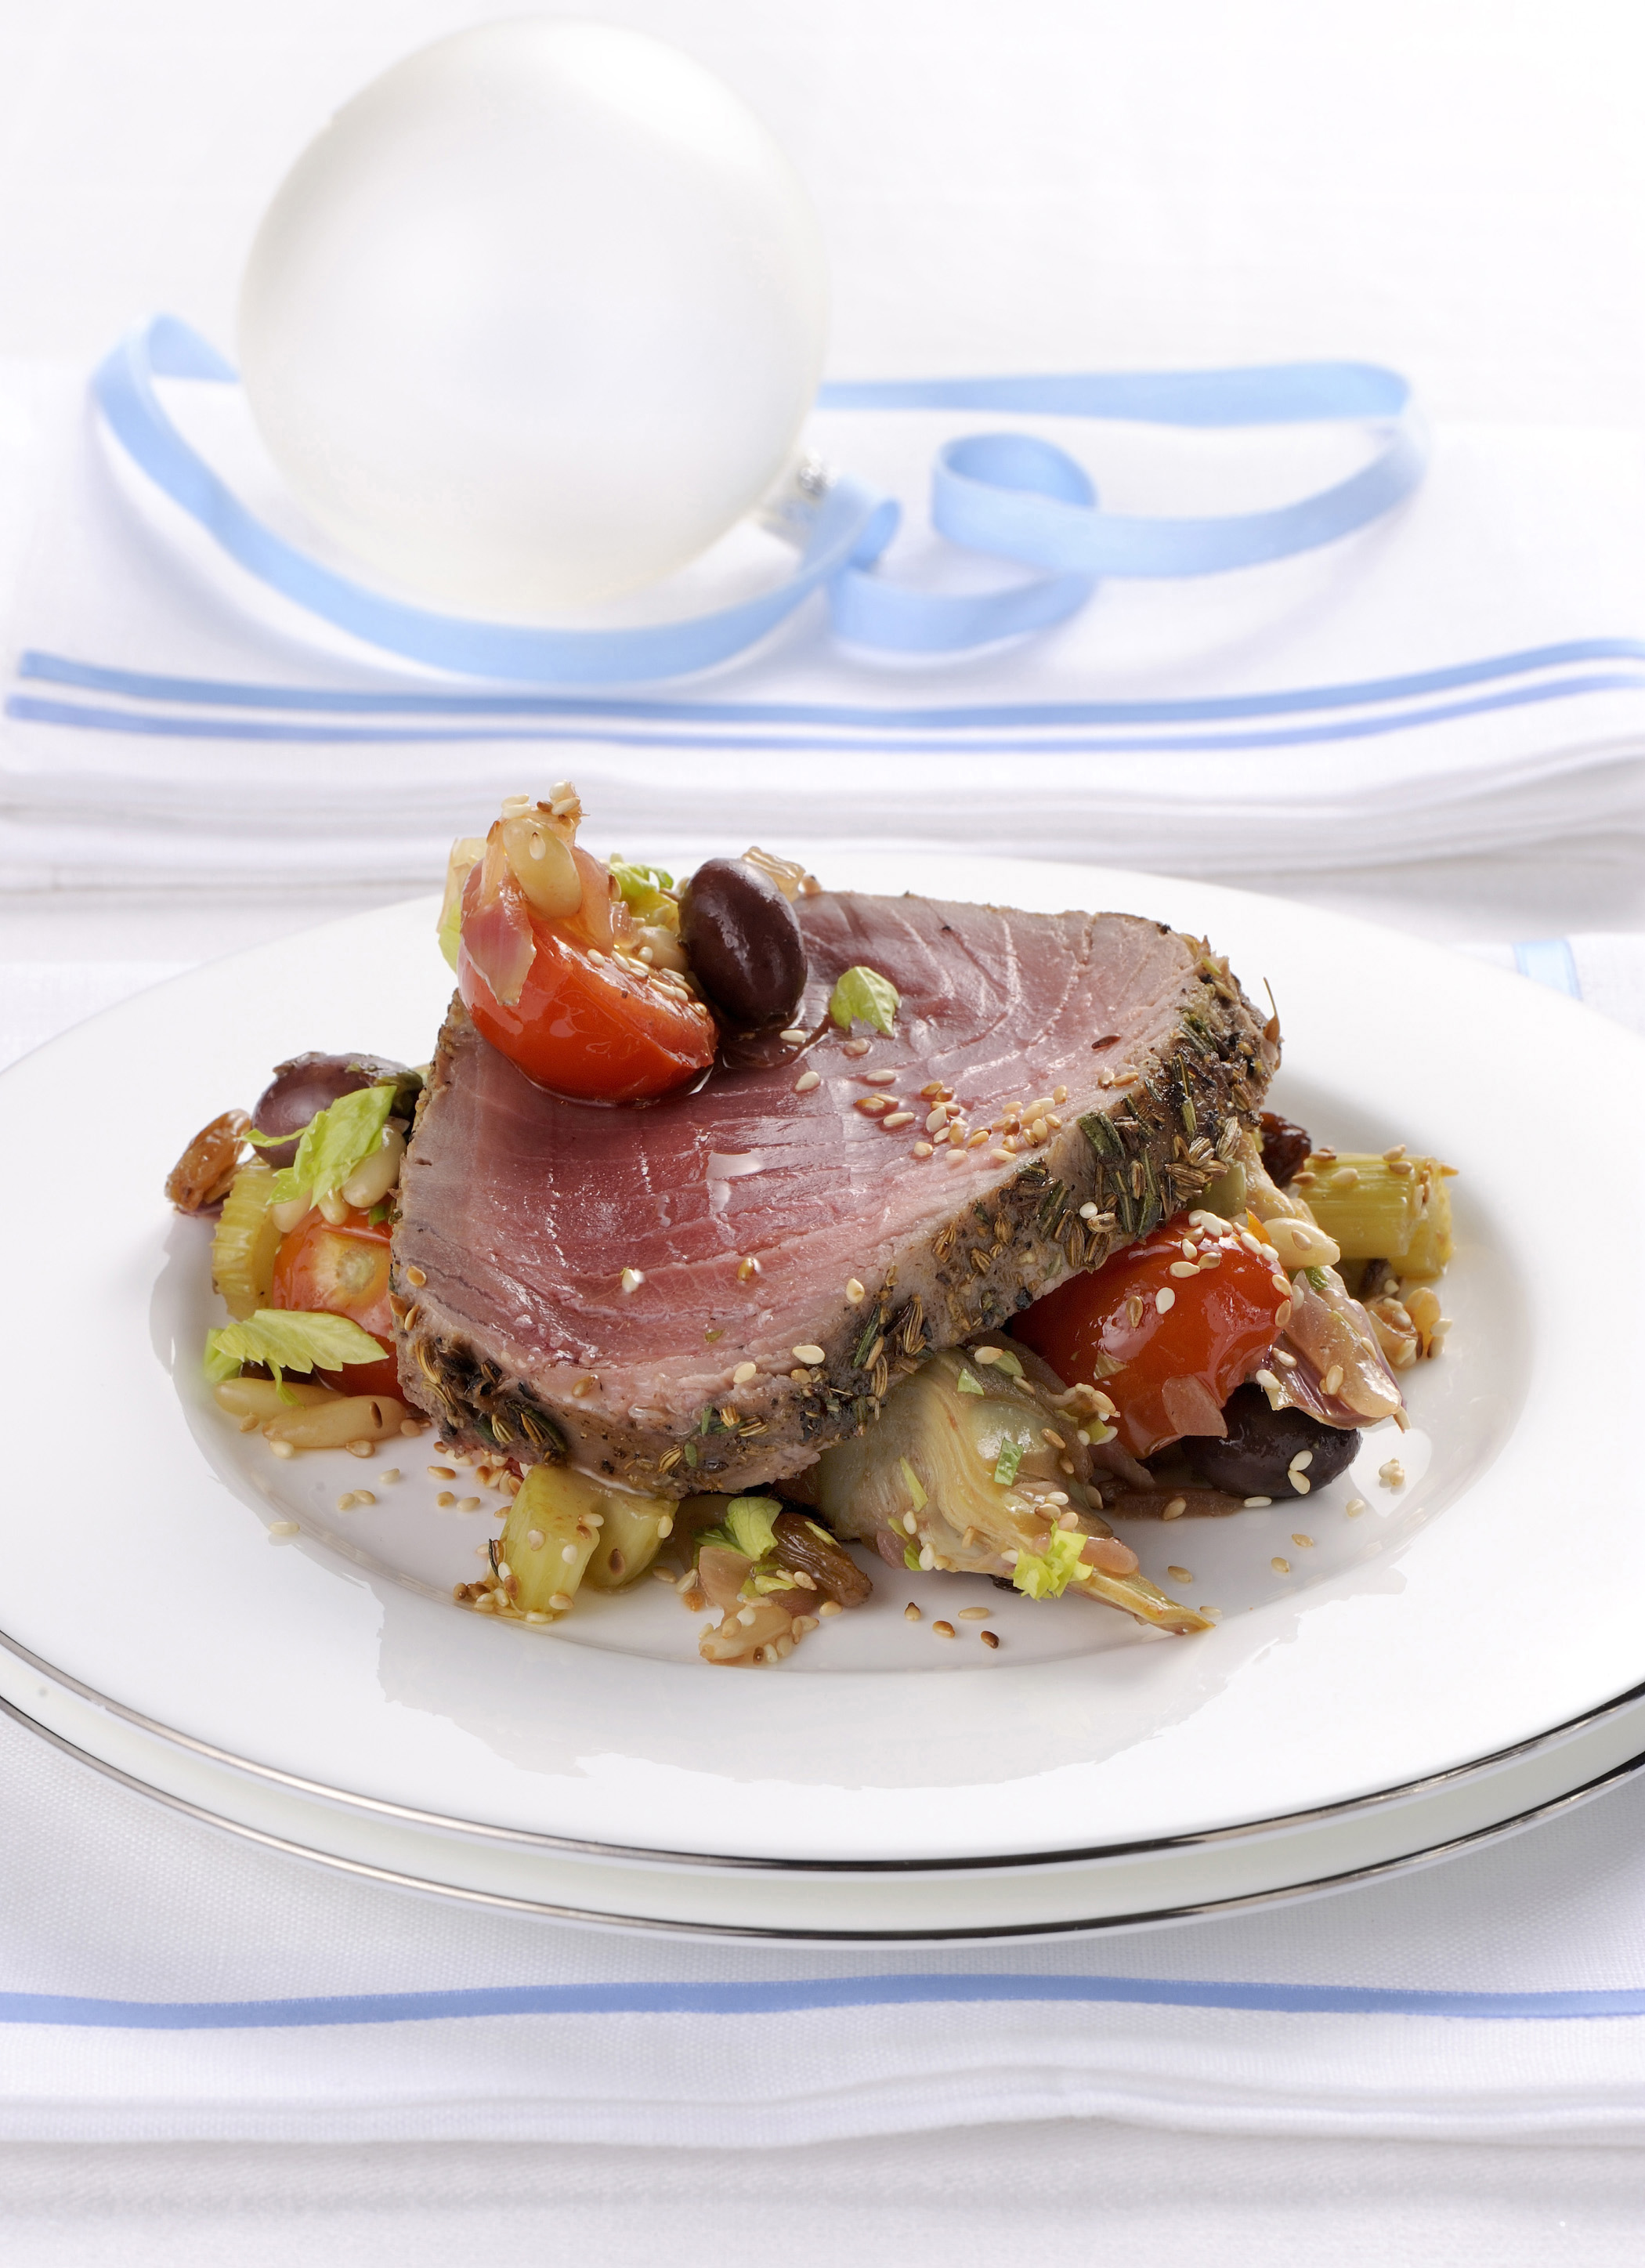 Tonno fresco le 10 migliori ricette sale pepe - Cucinare tonno fresco ...